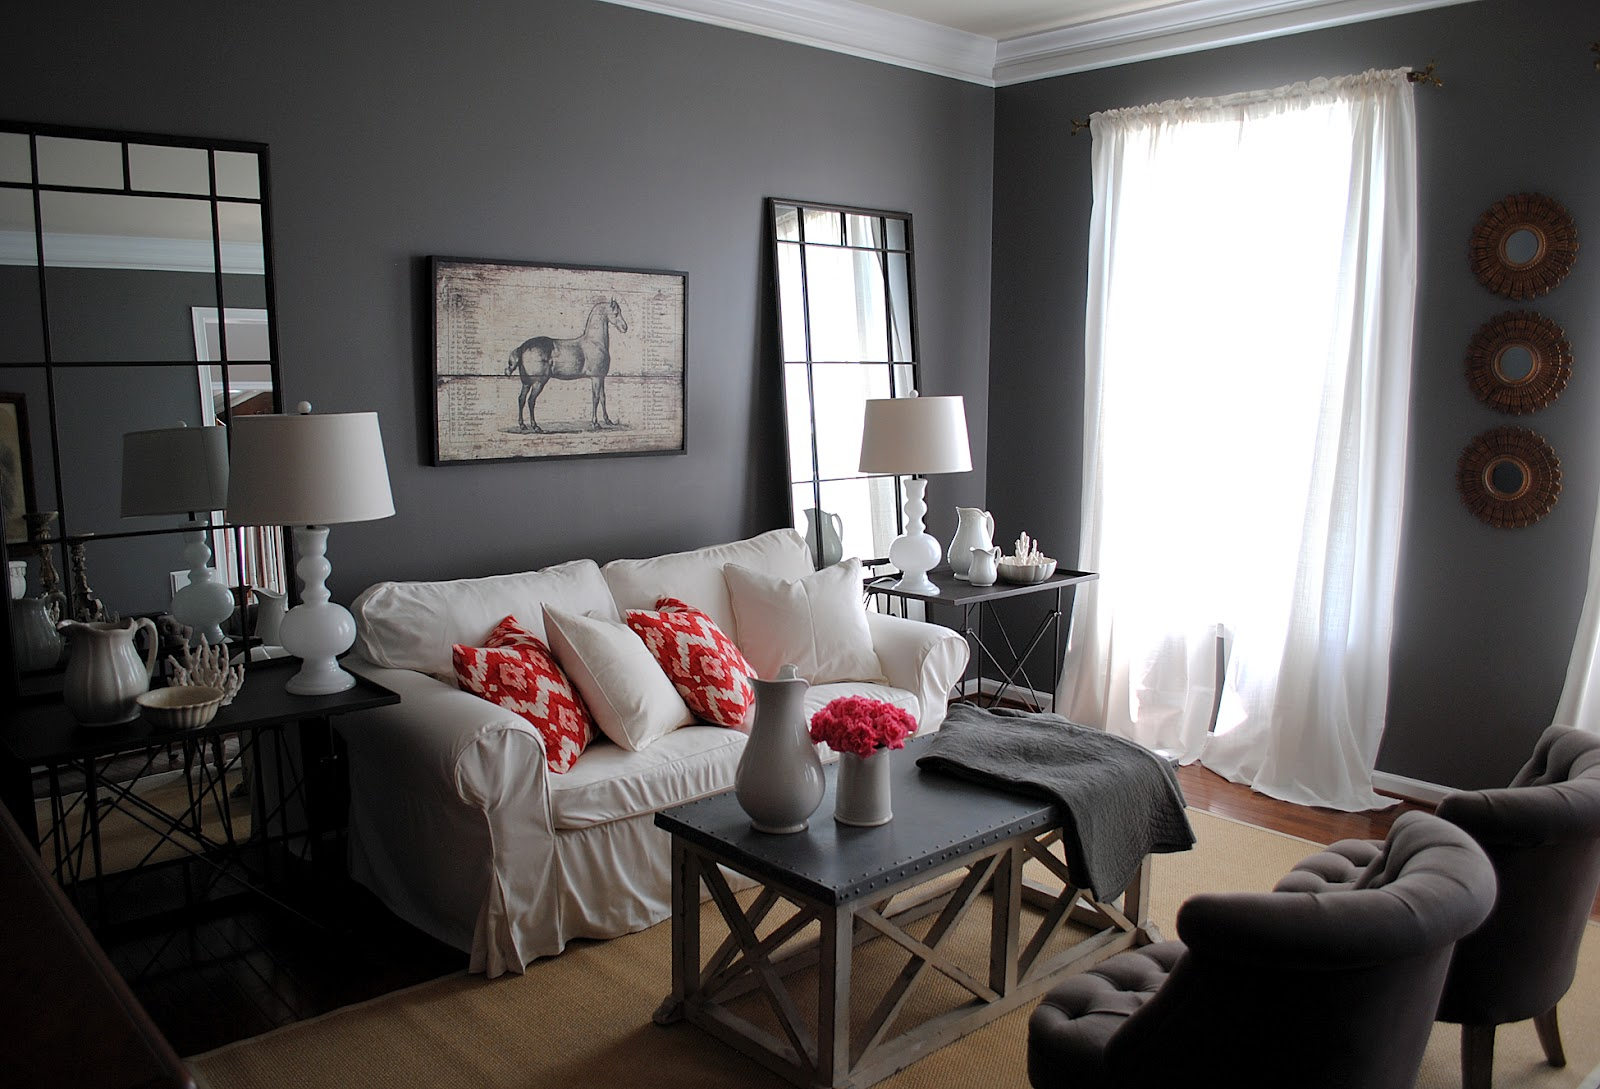 Обои светло серого цвета в интерьере фото